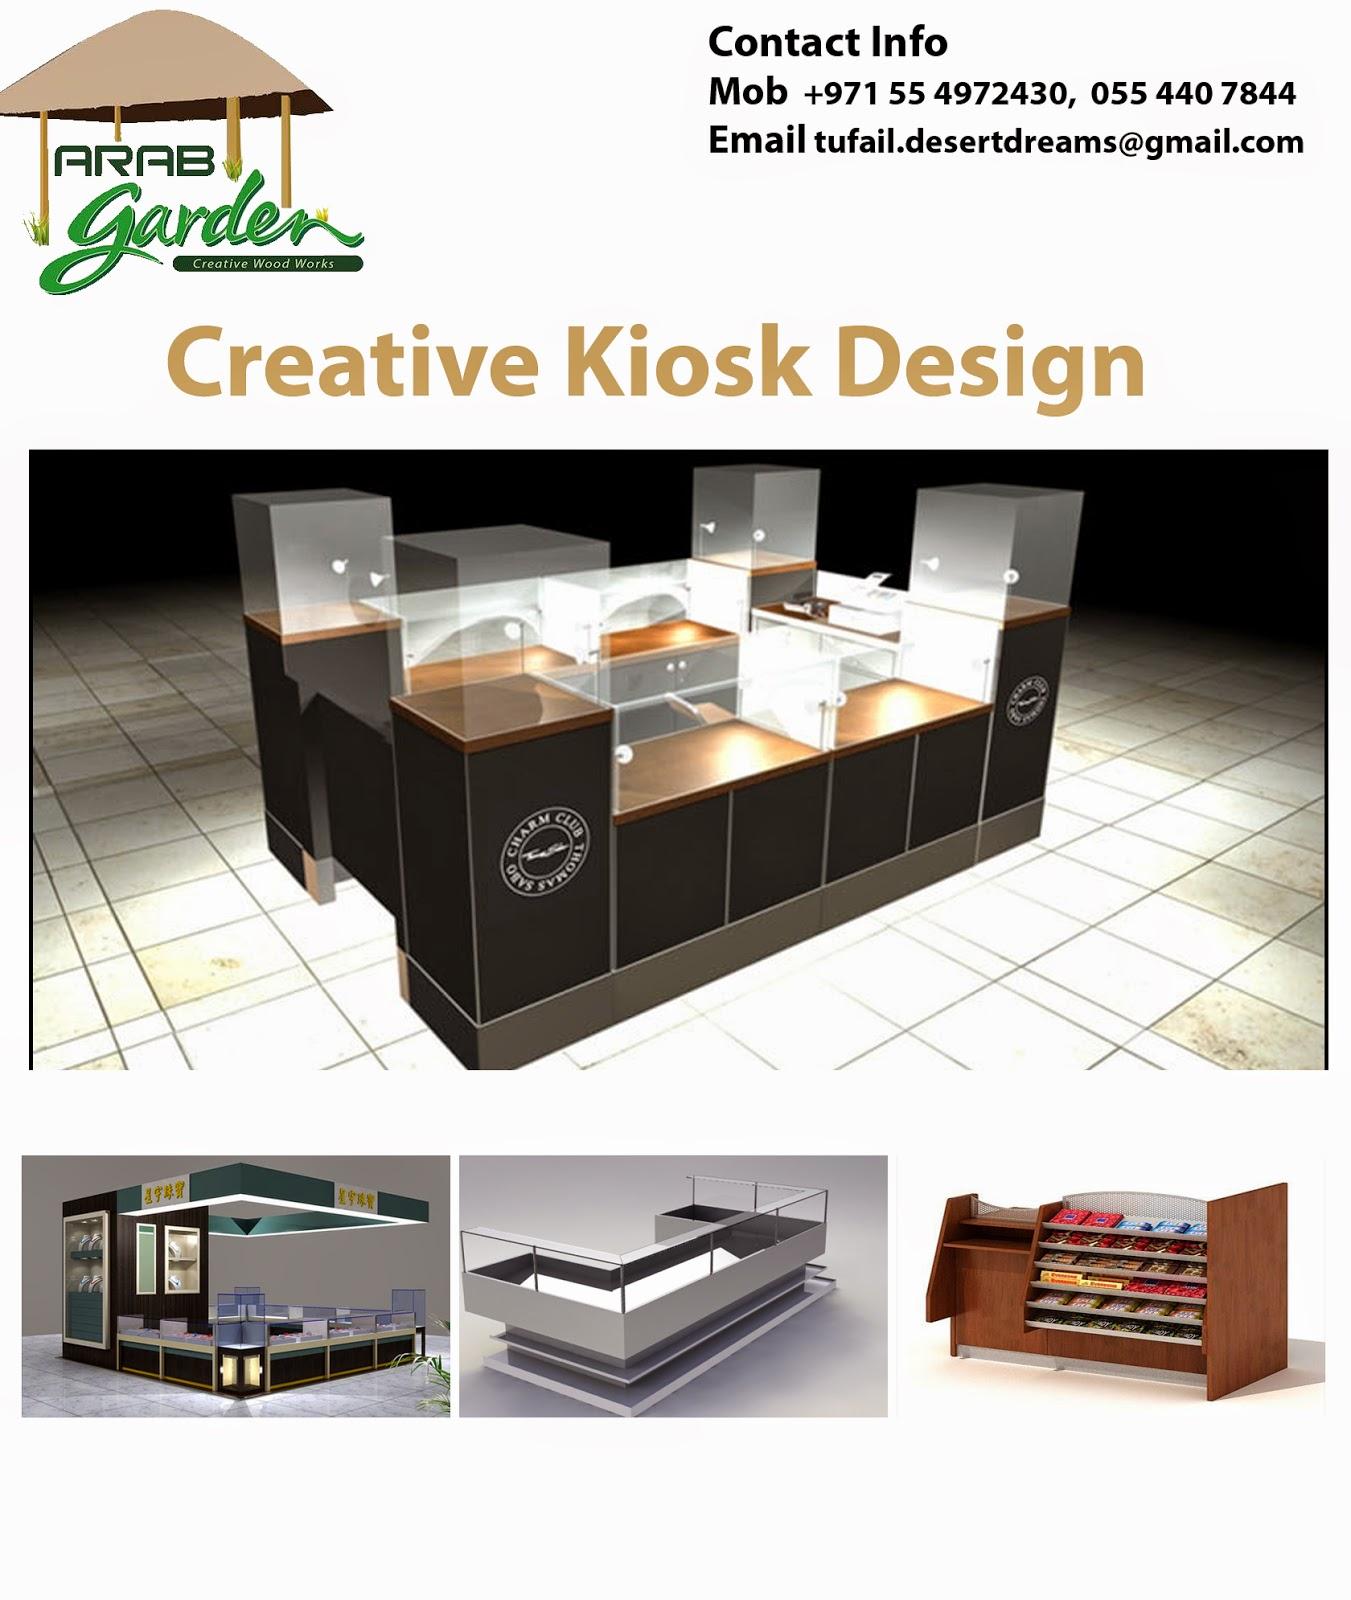 Creative Kiosk Design In Uae,Sharjah,Kiosk In Dubai,Ajman,Candy